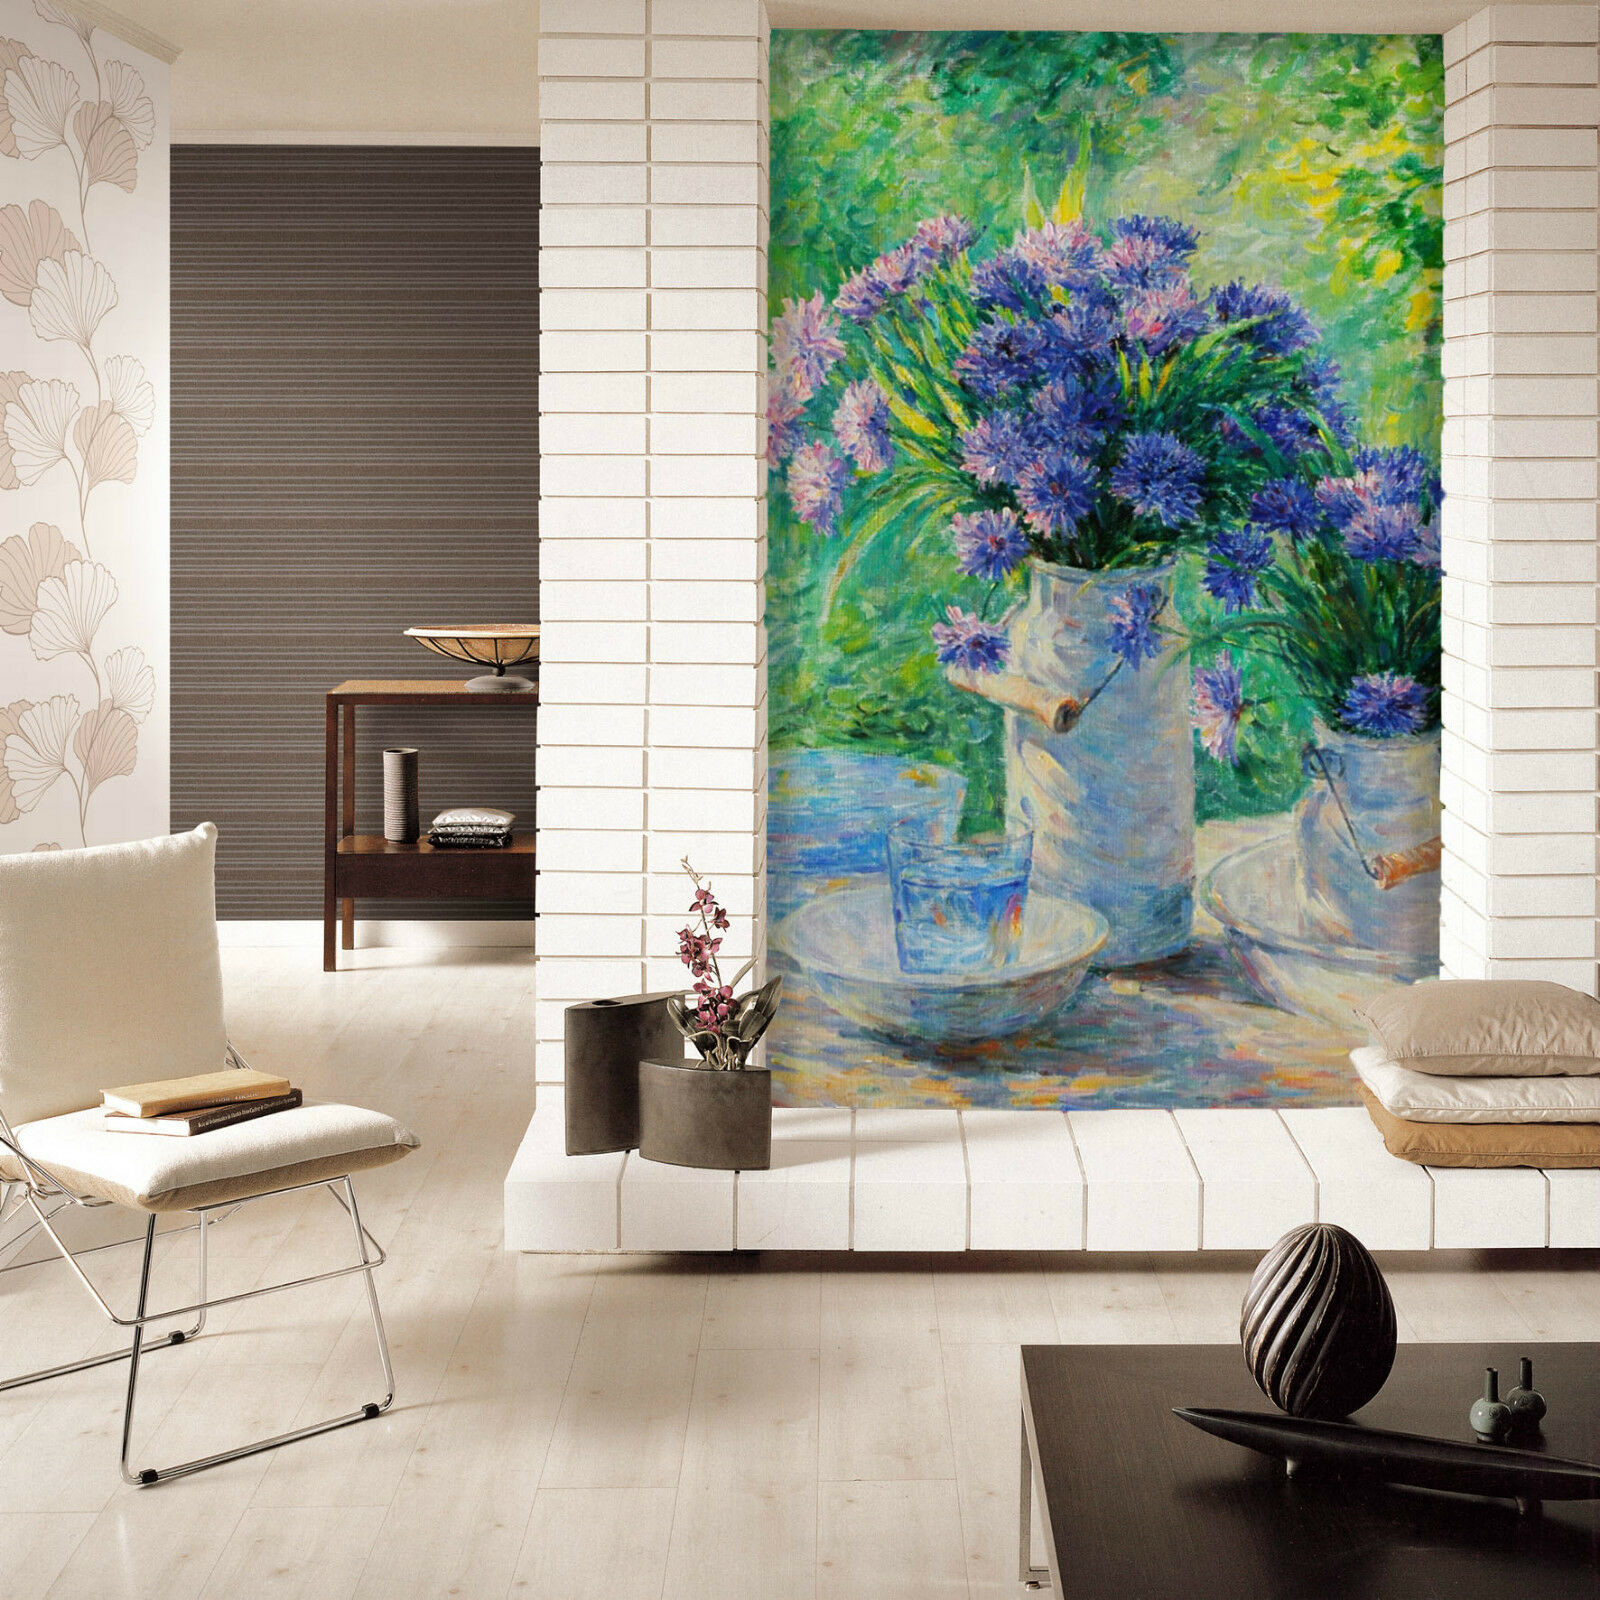 3D purple chrysanthemen 7320 Fototapeten Wandbild Fototapete BildTapete Familie